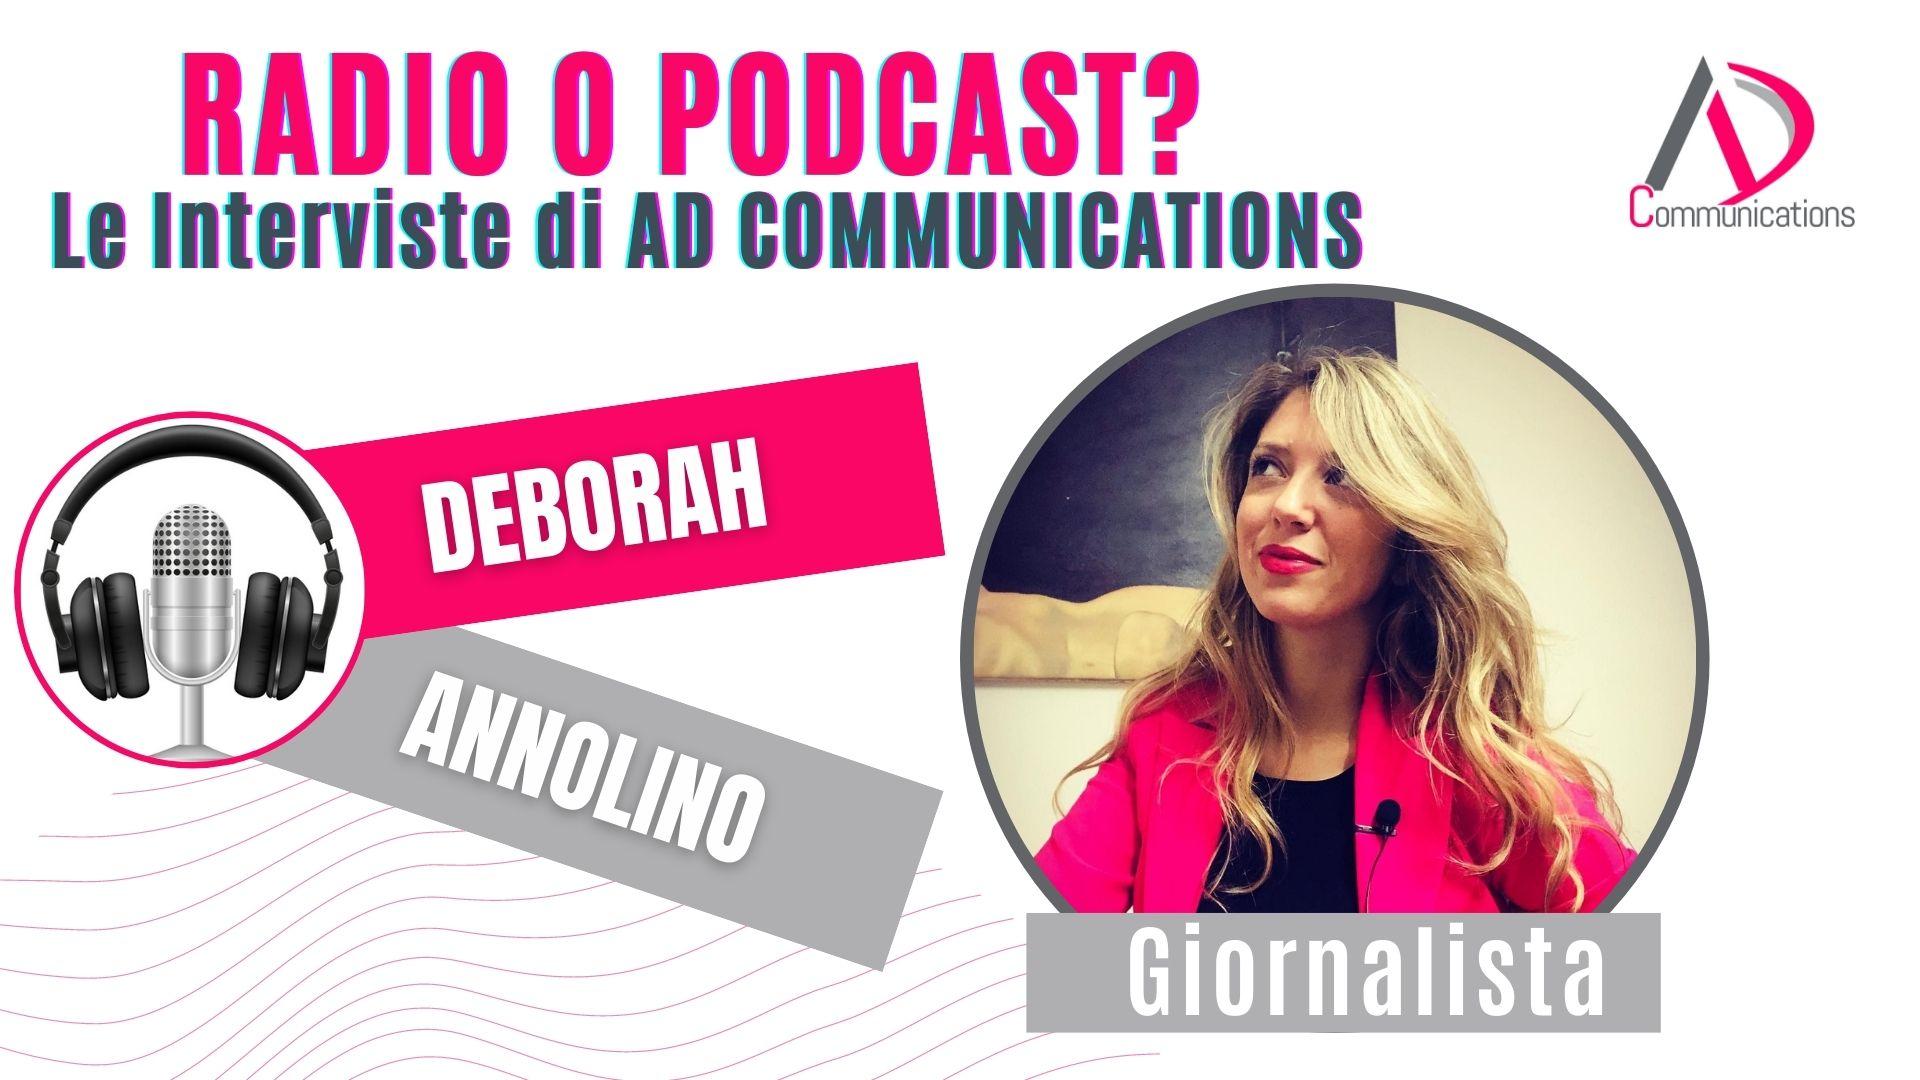 Radio o Podcast - le interviste di AD Communications